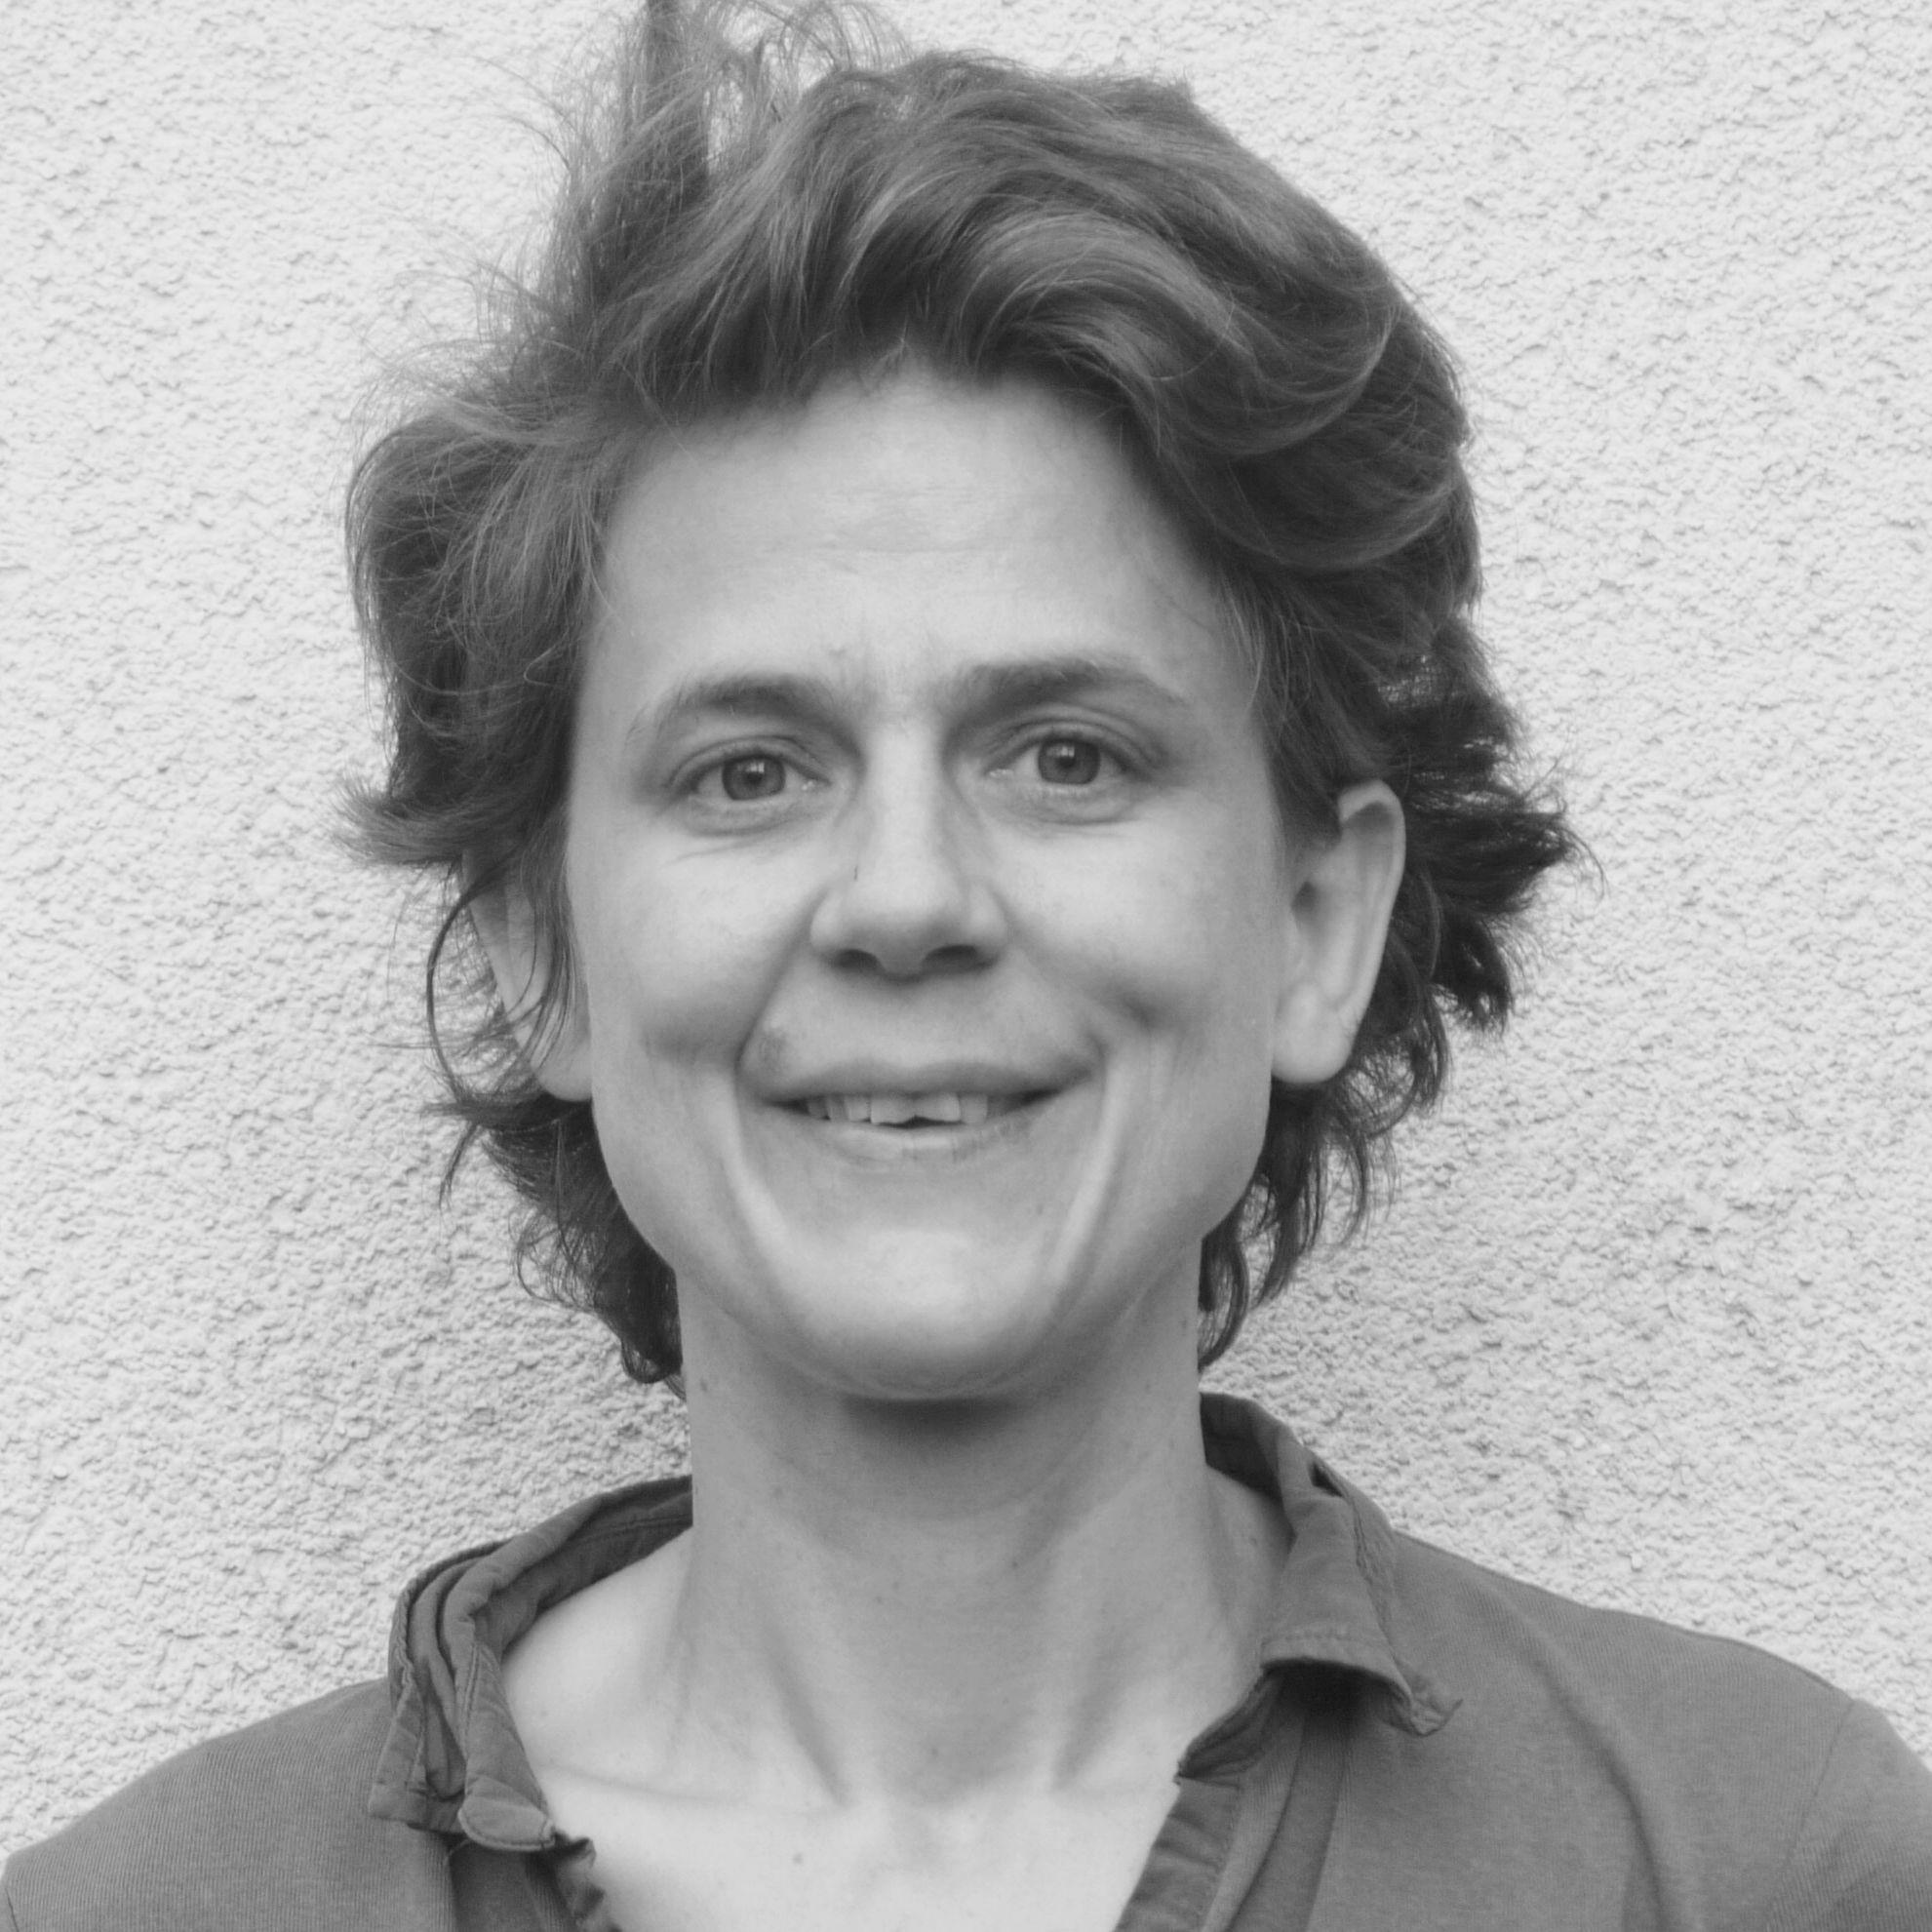 Beitragsbild Niedersachsen: Verschleierungsverbot für Schülerinnen